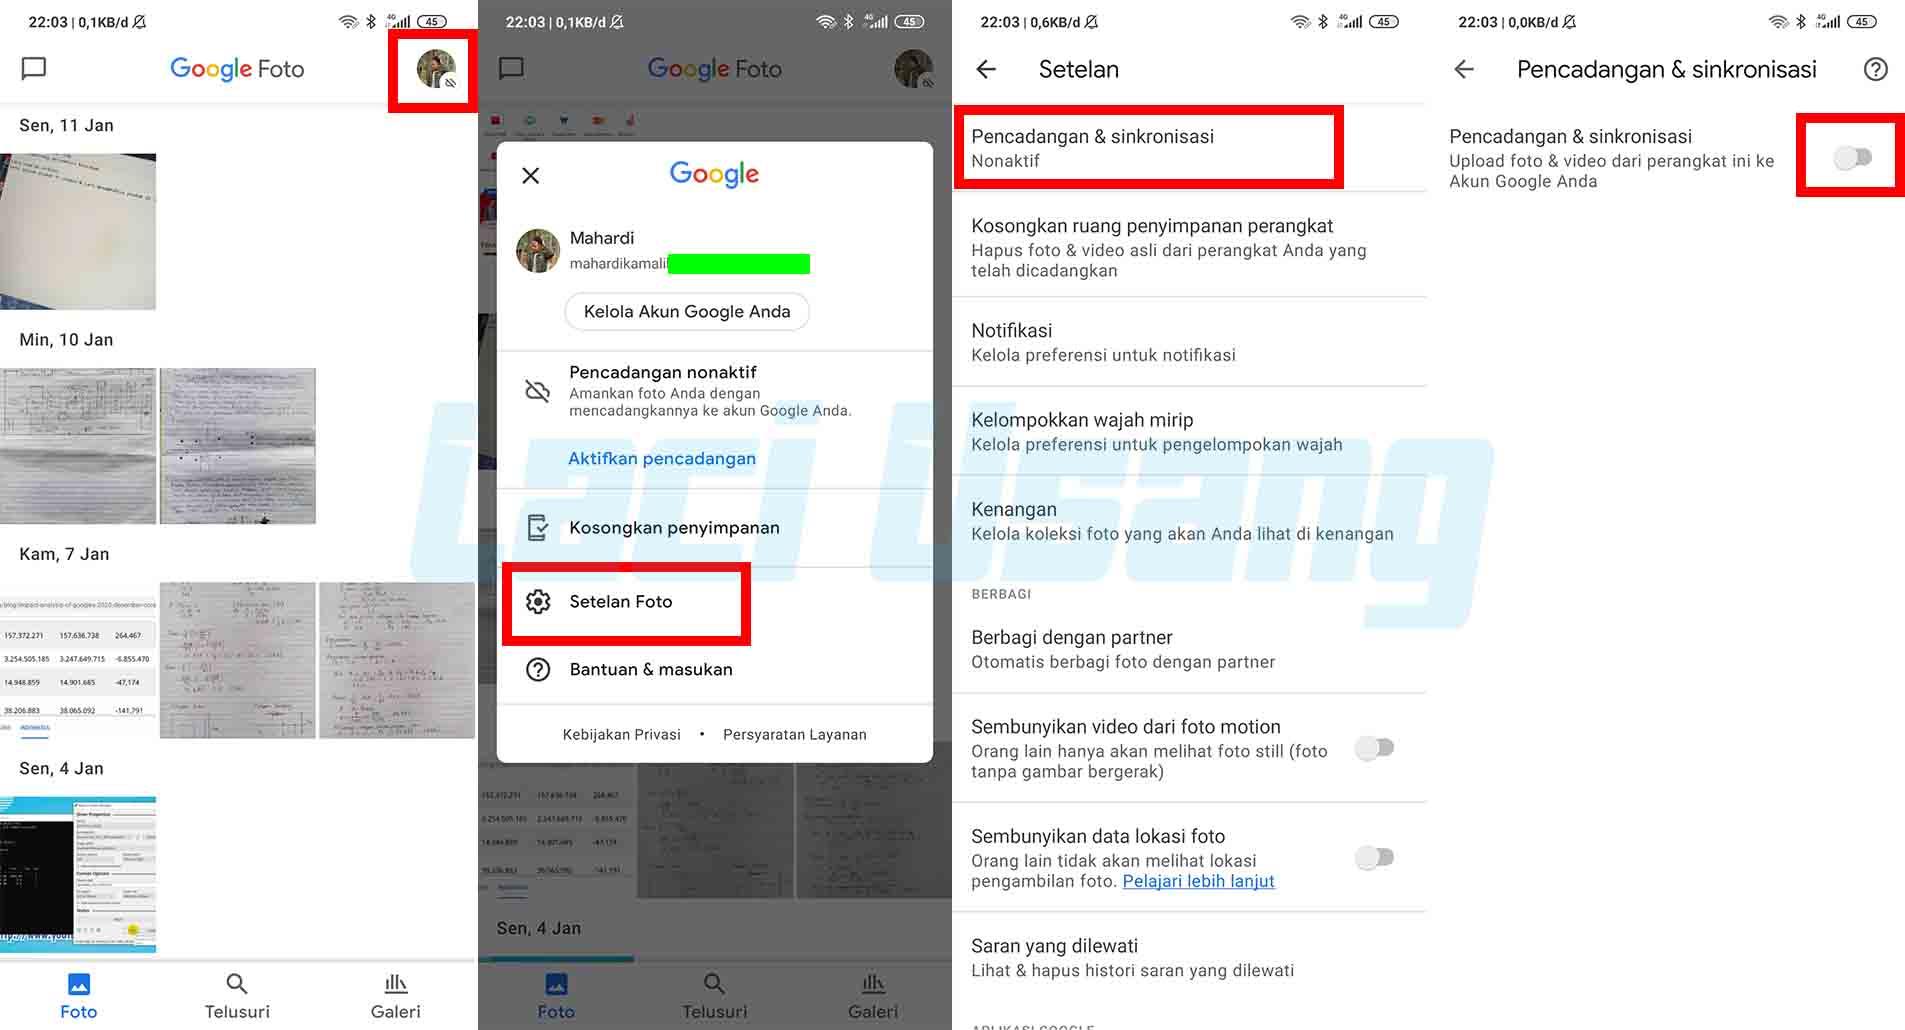 Cara Menyimpan Foto di Google Drive Secara Otomatis